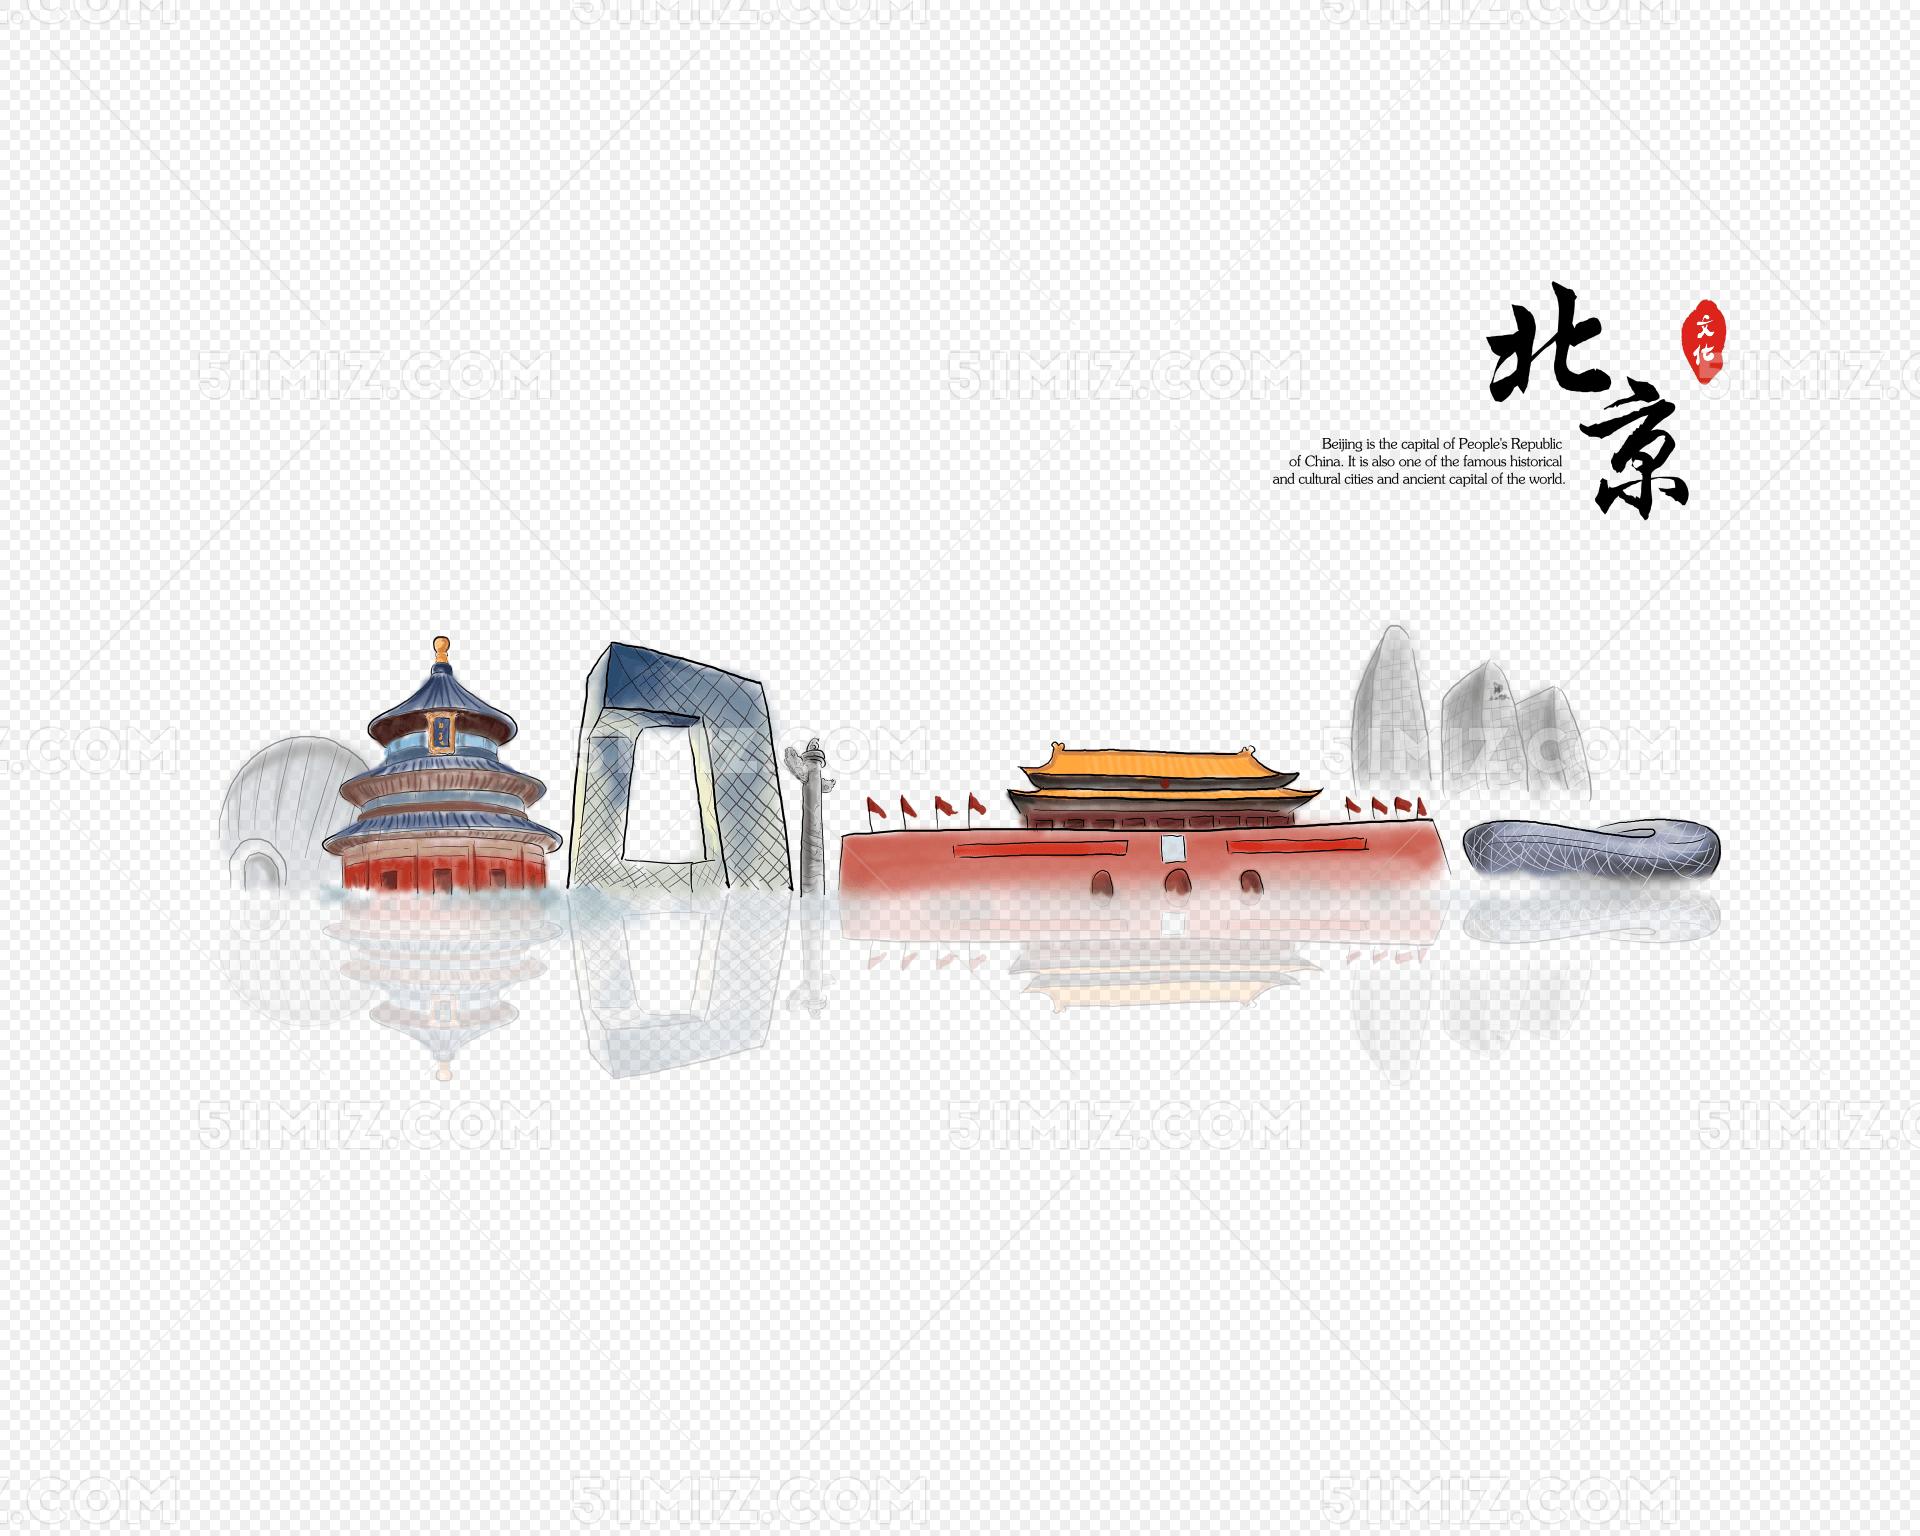 手绘北京地标建筑